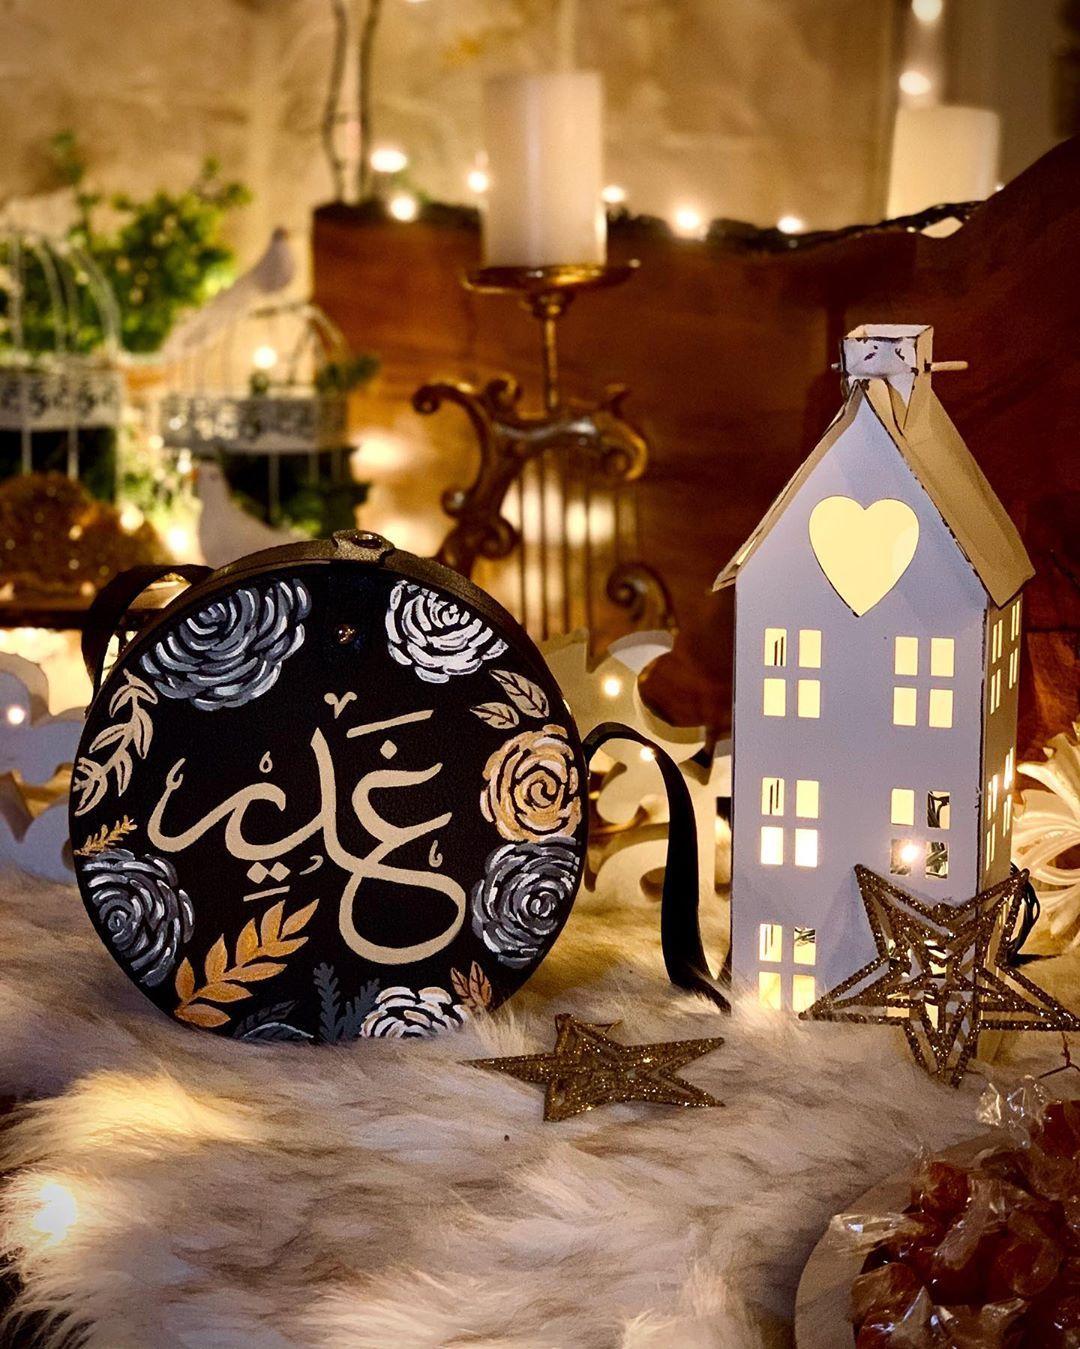 غدير حد زينة رمضان كتير بحب الوان الدهبي و الفضي مع الاسود اكيد لاحظتو هالشي غدير رم Table Decorations Painted Clothes Hand Painted